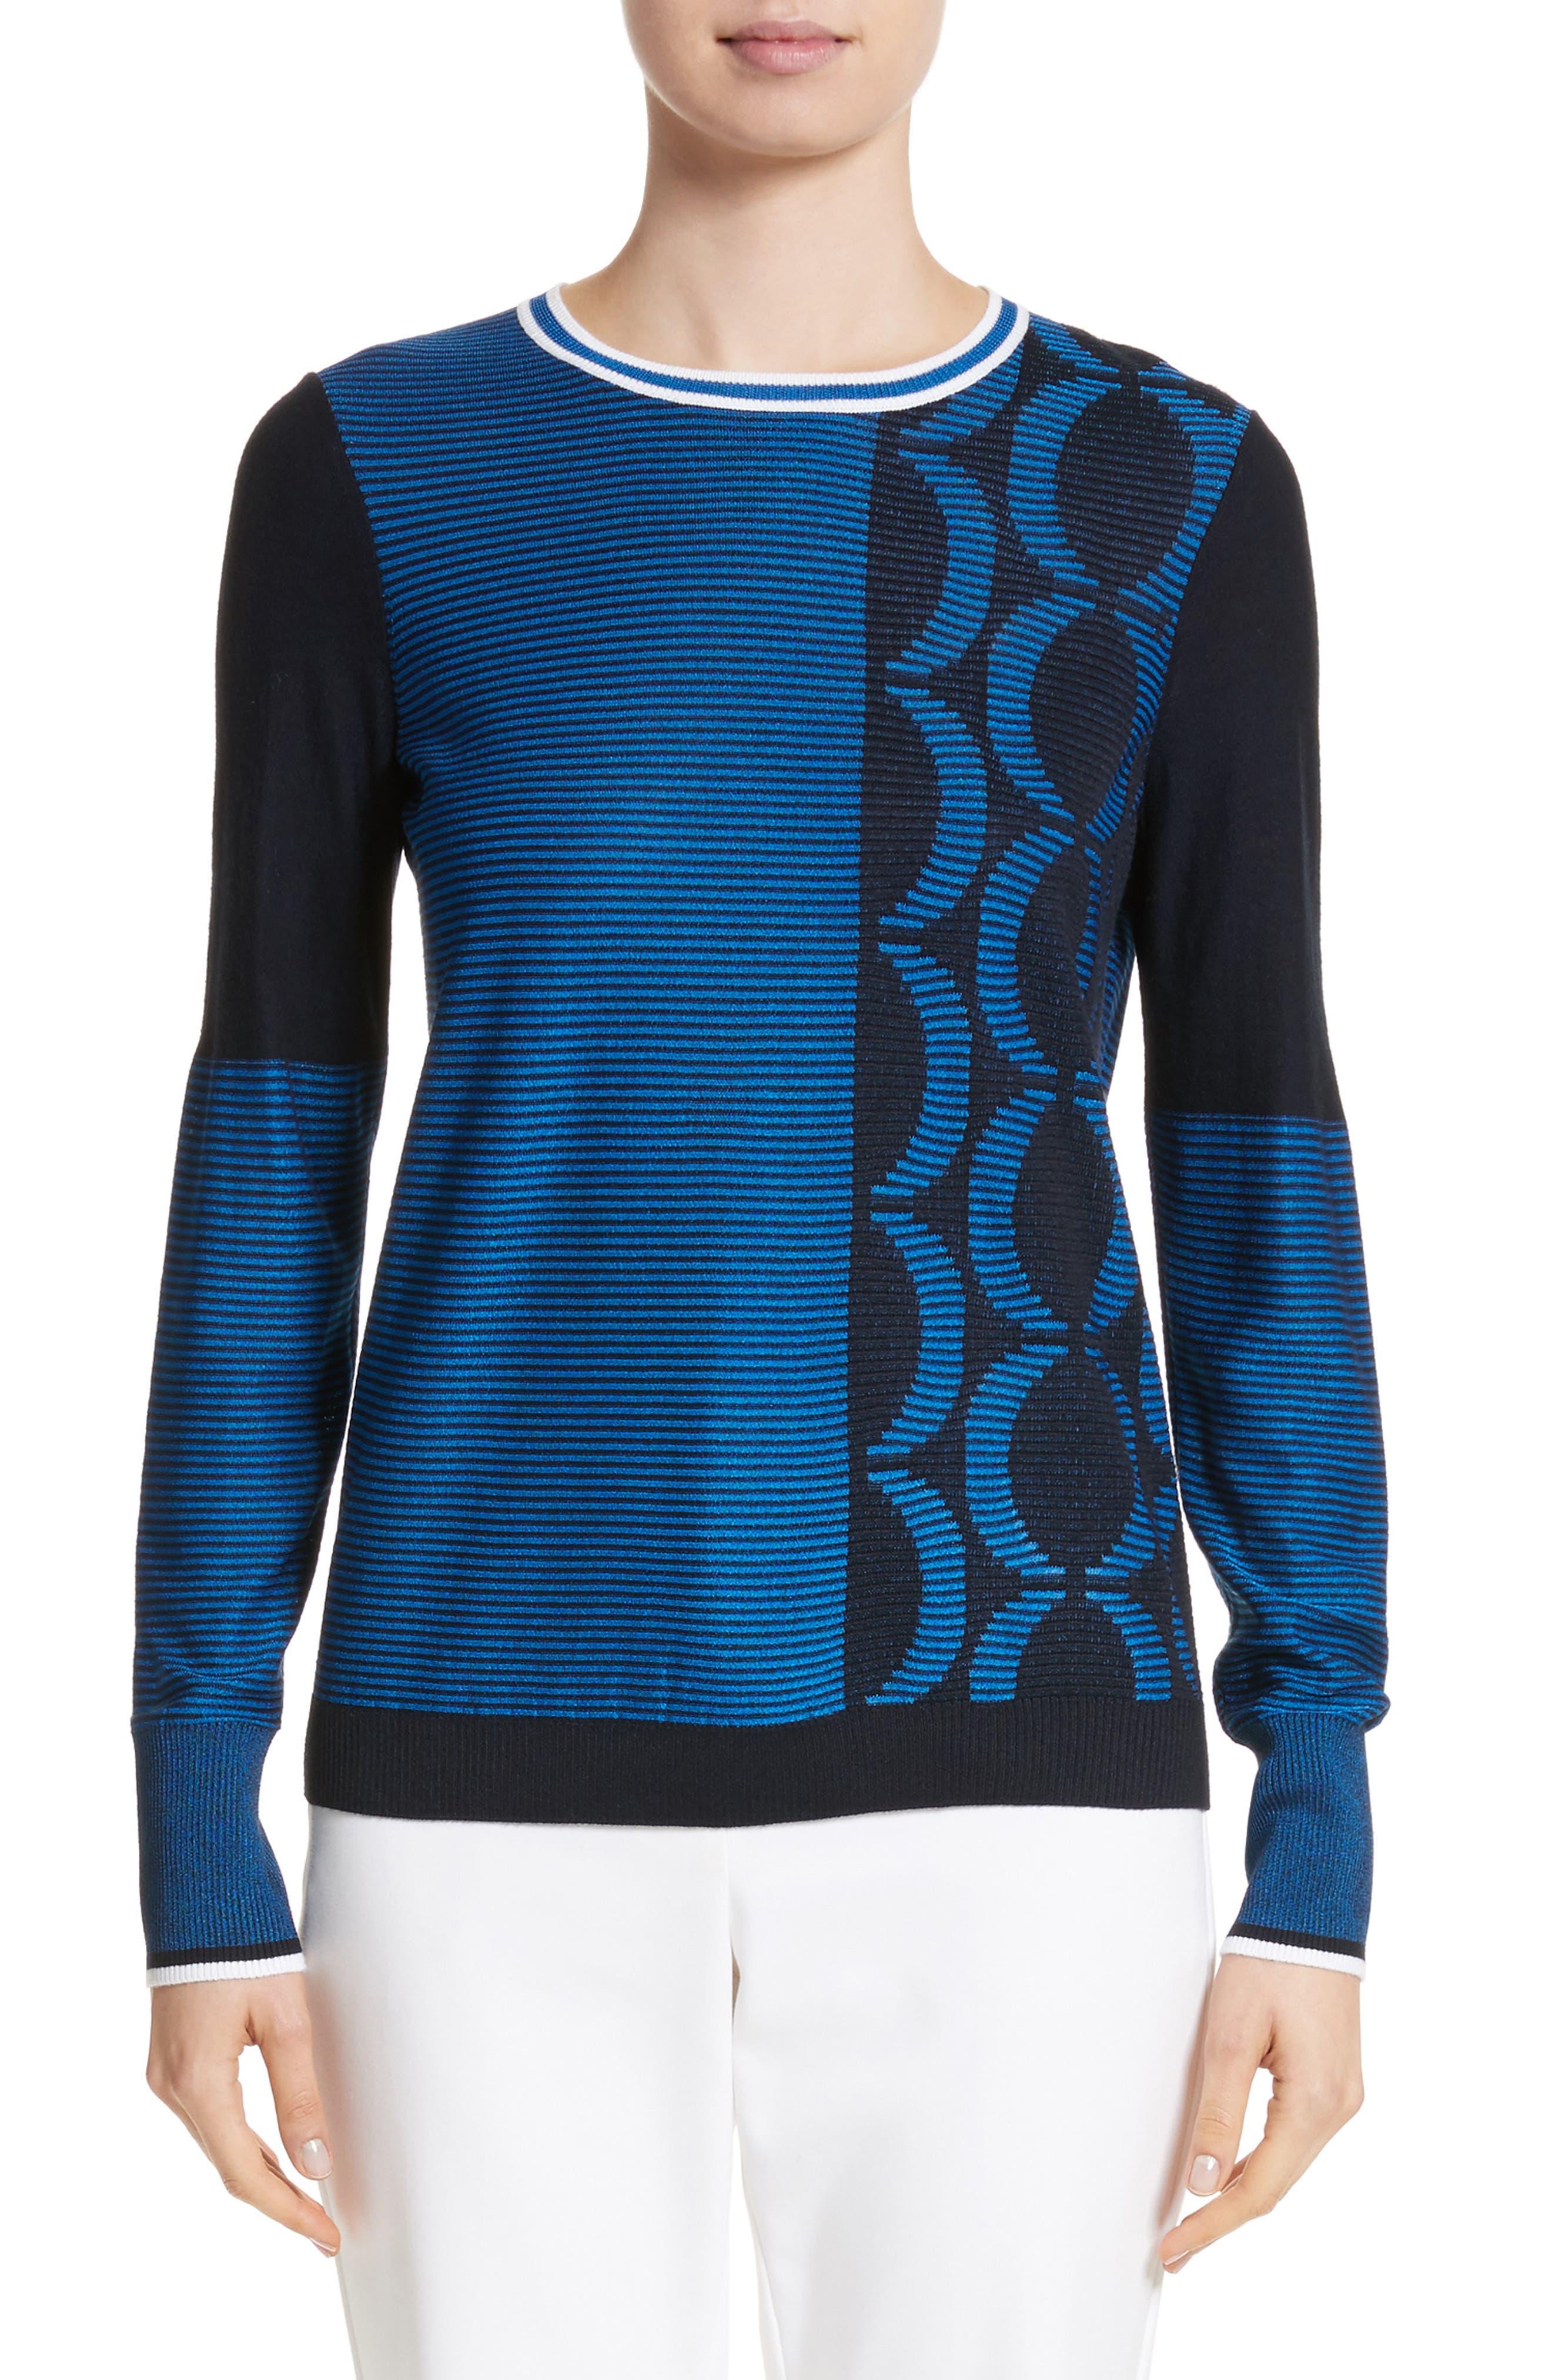 Jacquard Knit Sweater,                             Main thumbnail 1, color,                             410